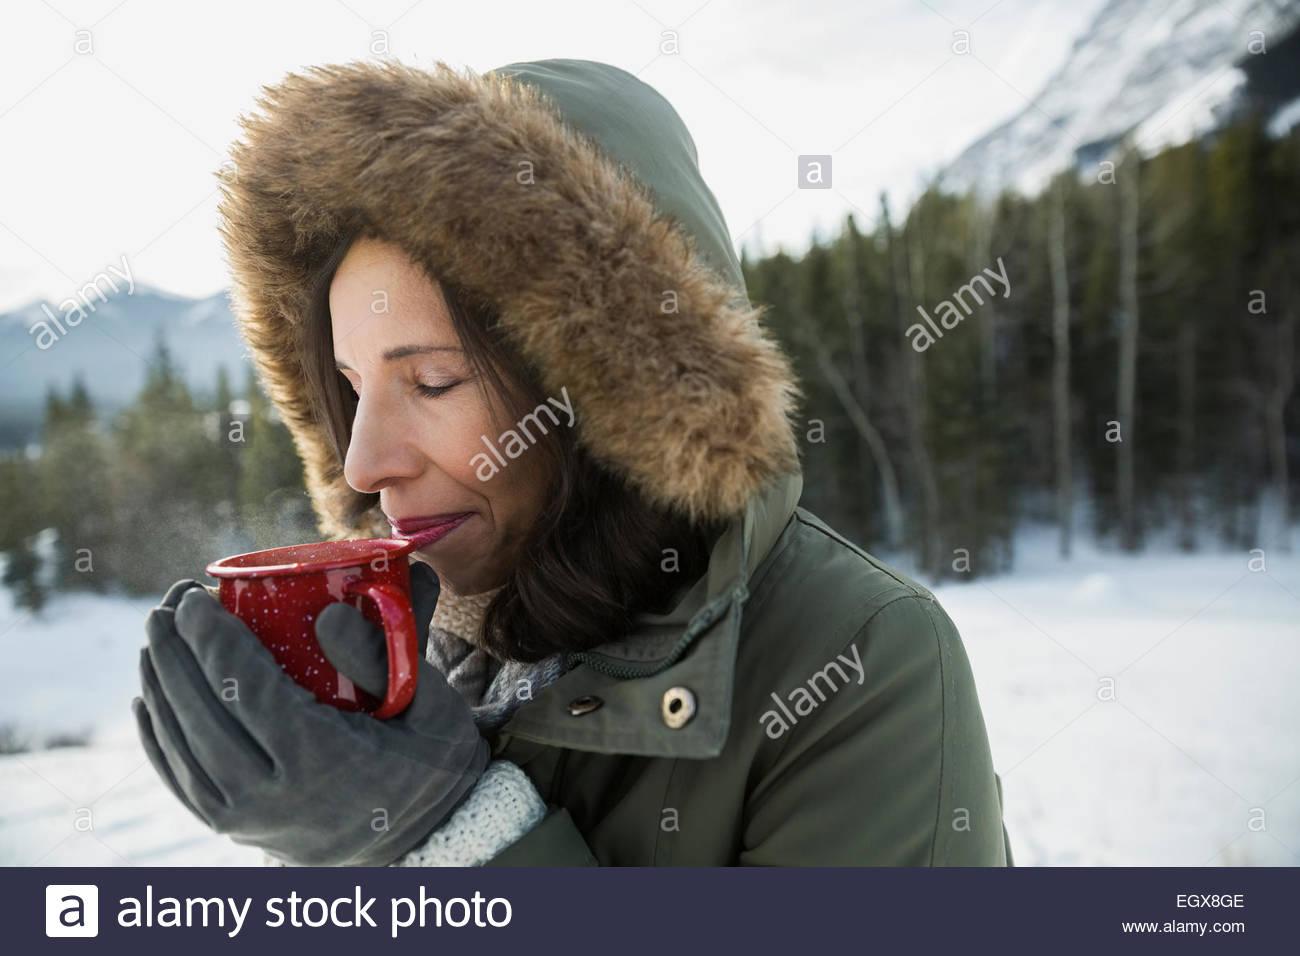 Femme au fur hood bénéficiant du chocolat chaud à l'extérieur Photo Stock